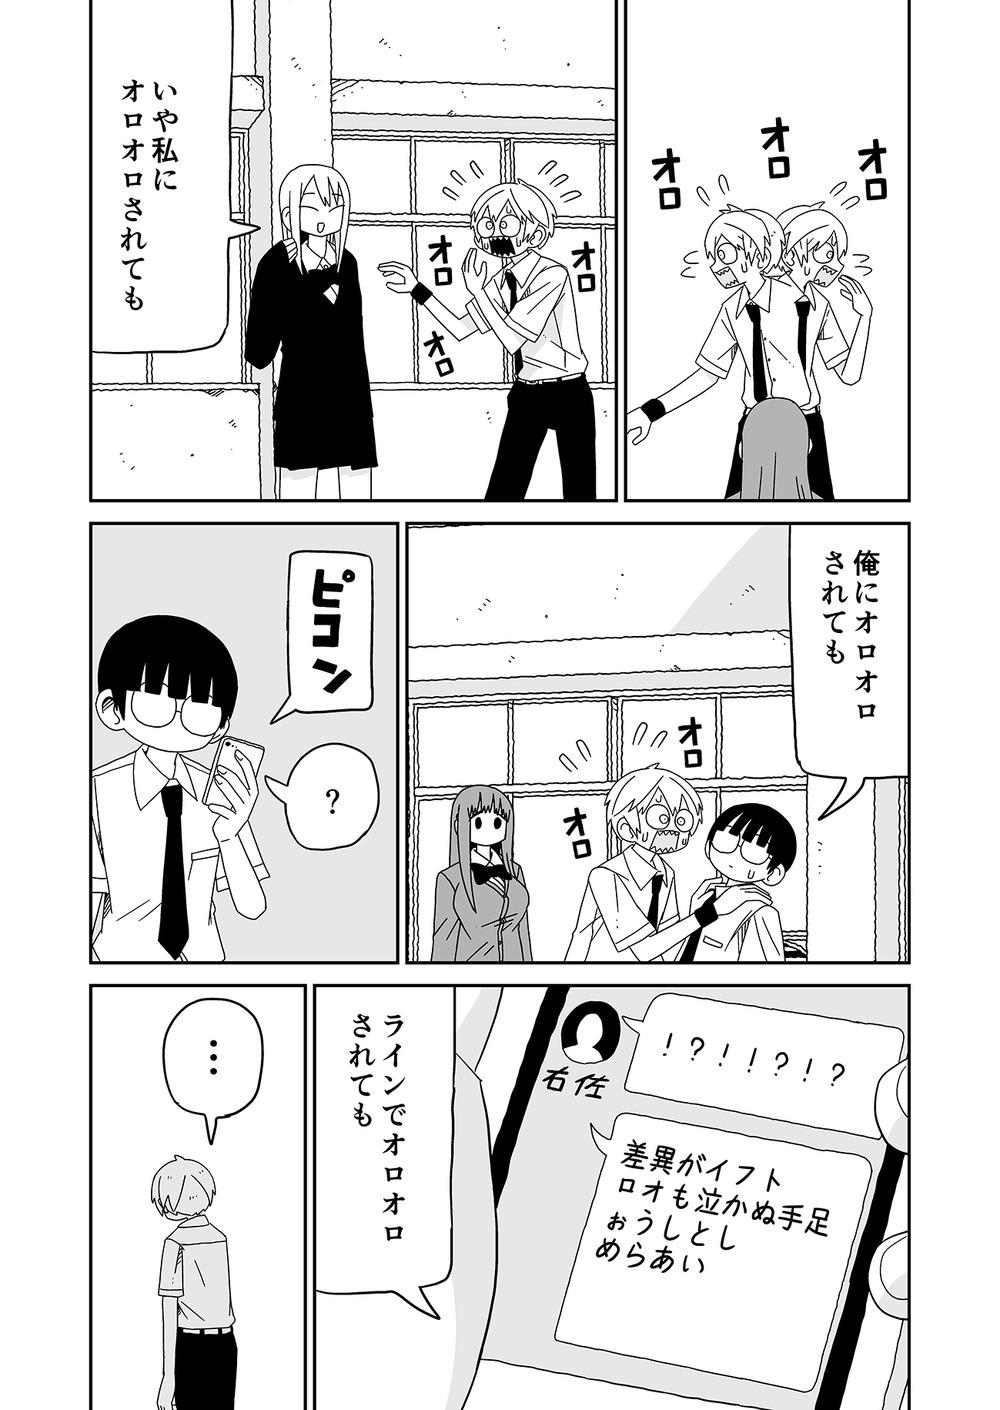 潮舞データオマケ30014